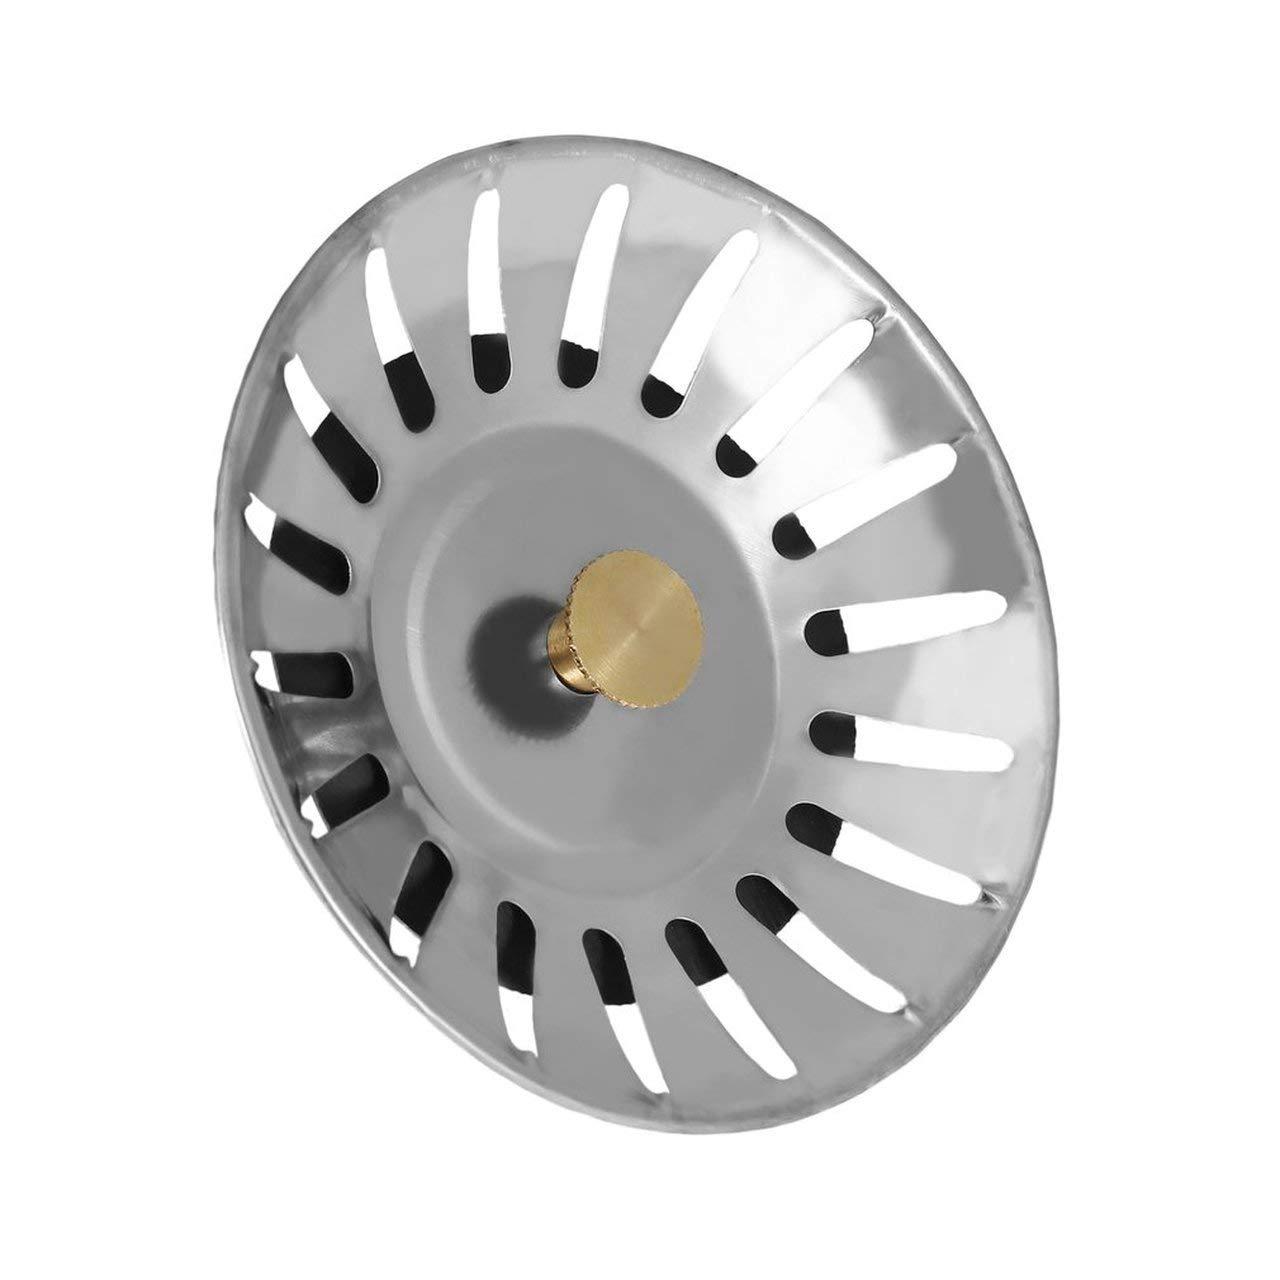 Jasnyfall /Éviers de cuisine universels bouchons en acier inoxydable couvercle d/évier Dishpan /égouttoir coche prise filtre de remplacement panier pour le m/énage couleur acier